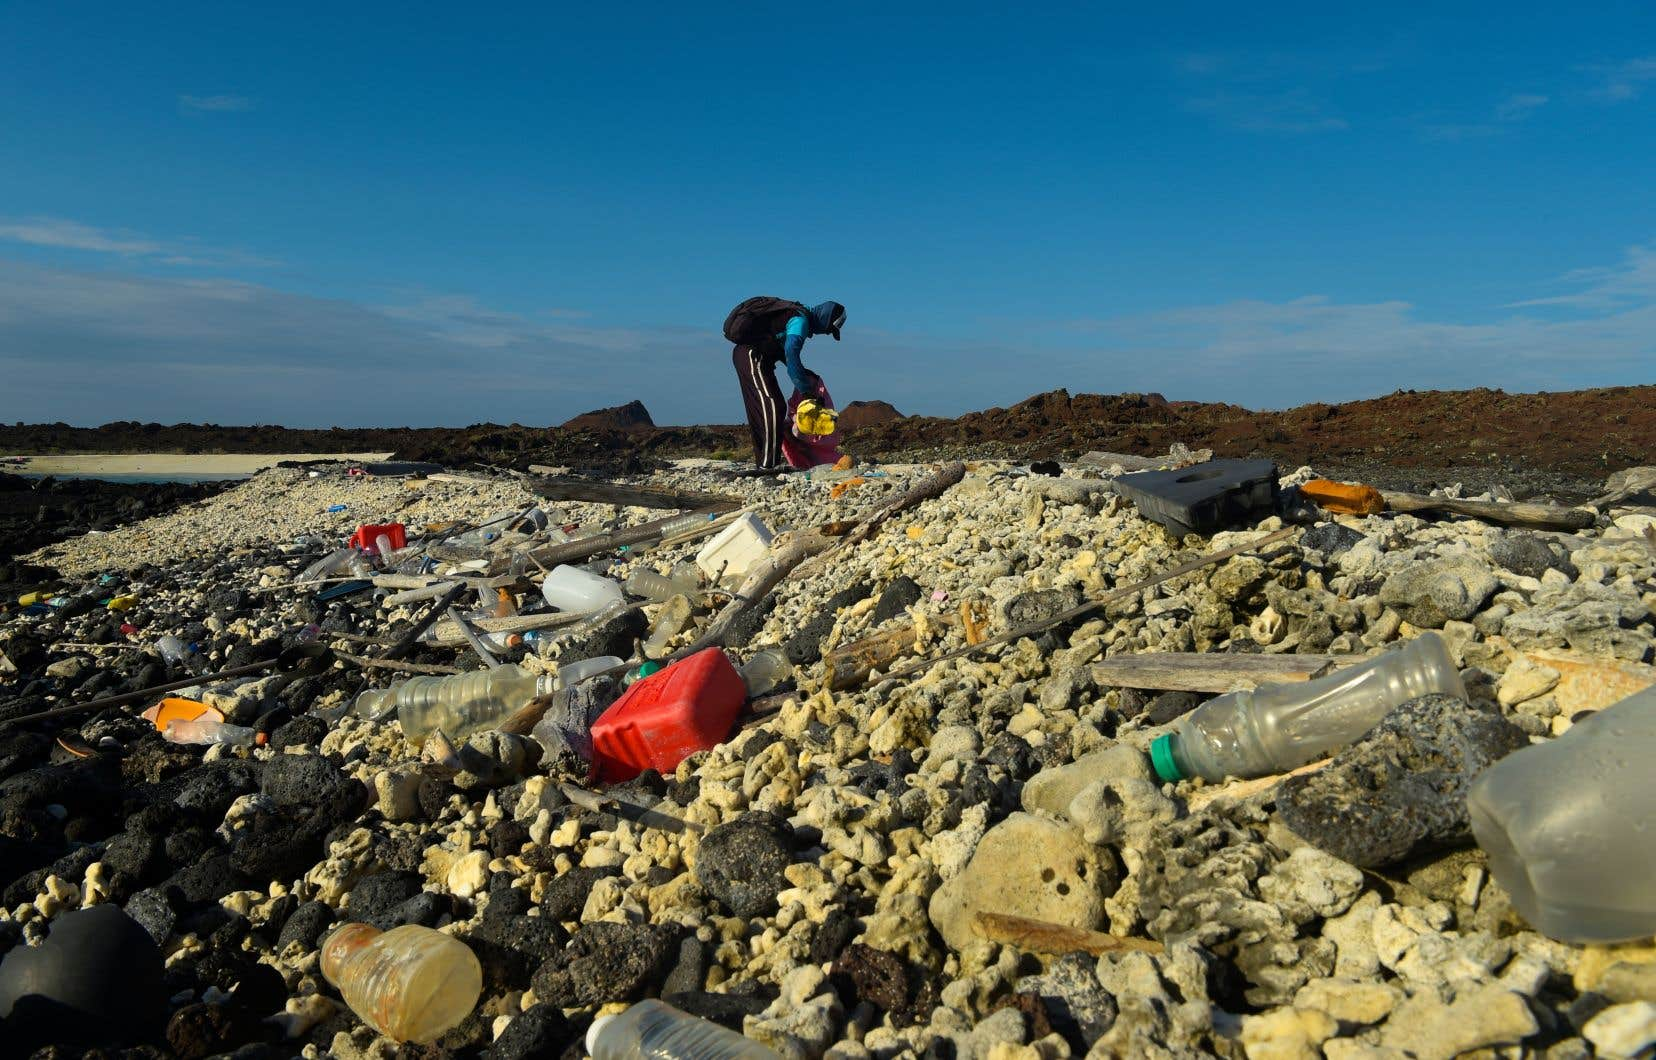 <p>Des ordures de plastique de toutes sortes se mêlent et s'accumulent face aux côtes, s'infiltrant jusque dans les fissures des couches de lave volcanique pétrifiée des Galápagos.</p>